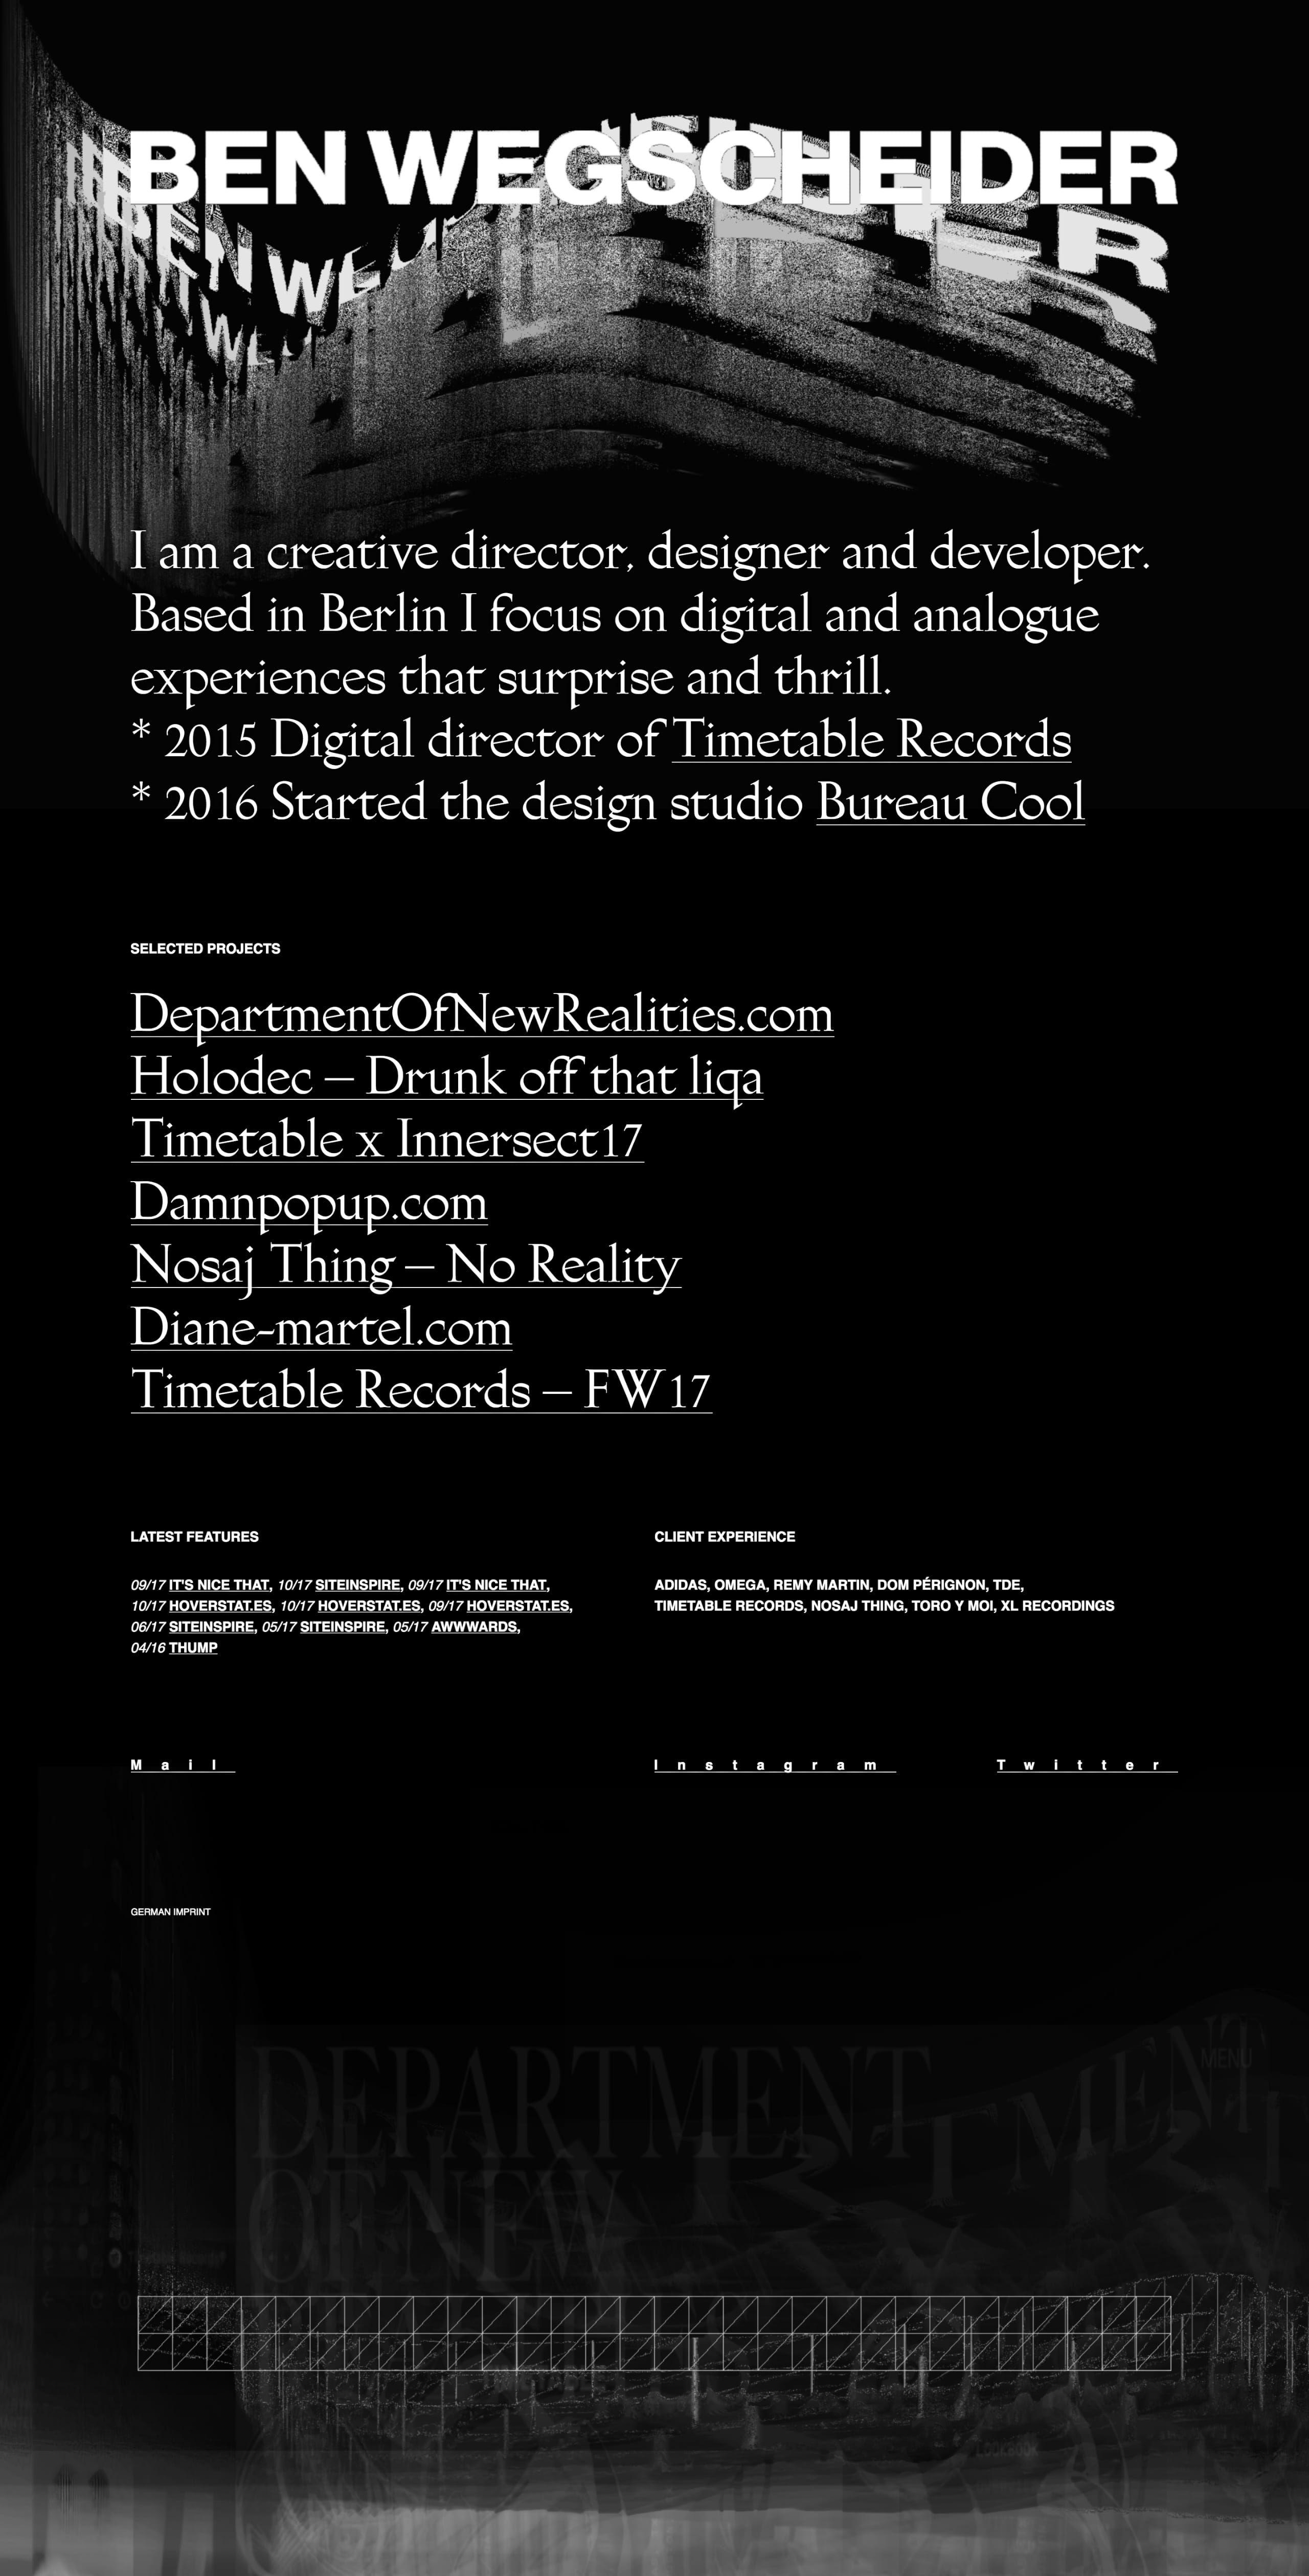 Dark schemed One Page portfolio for Ben Wegscheider featuring arty